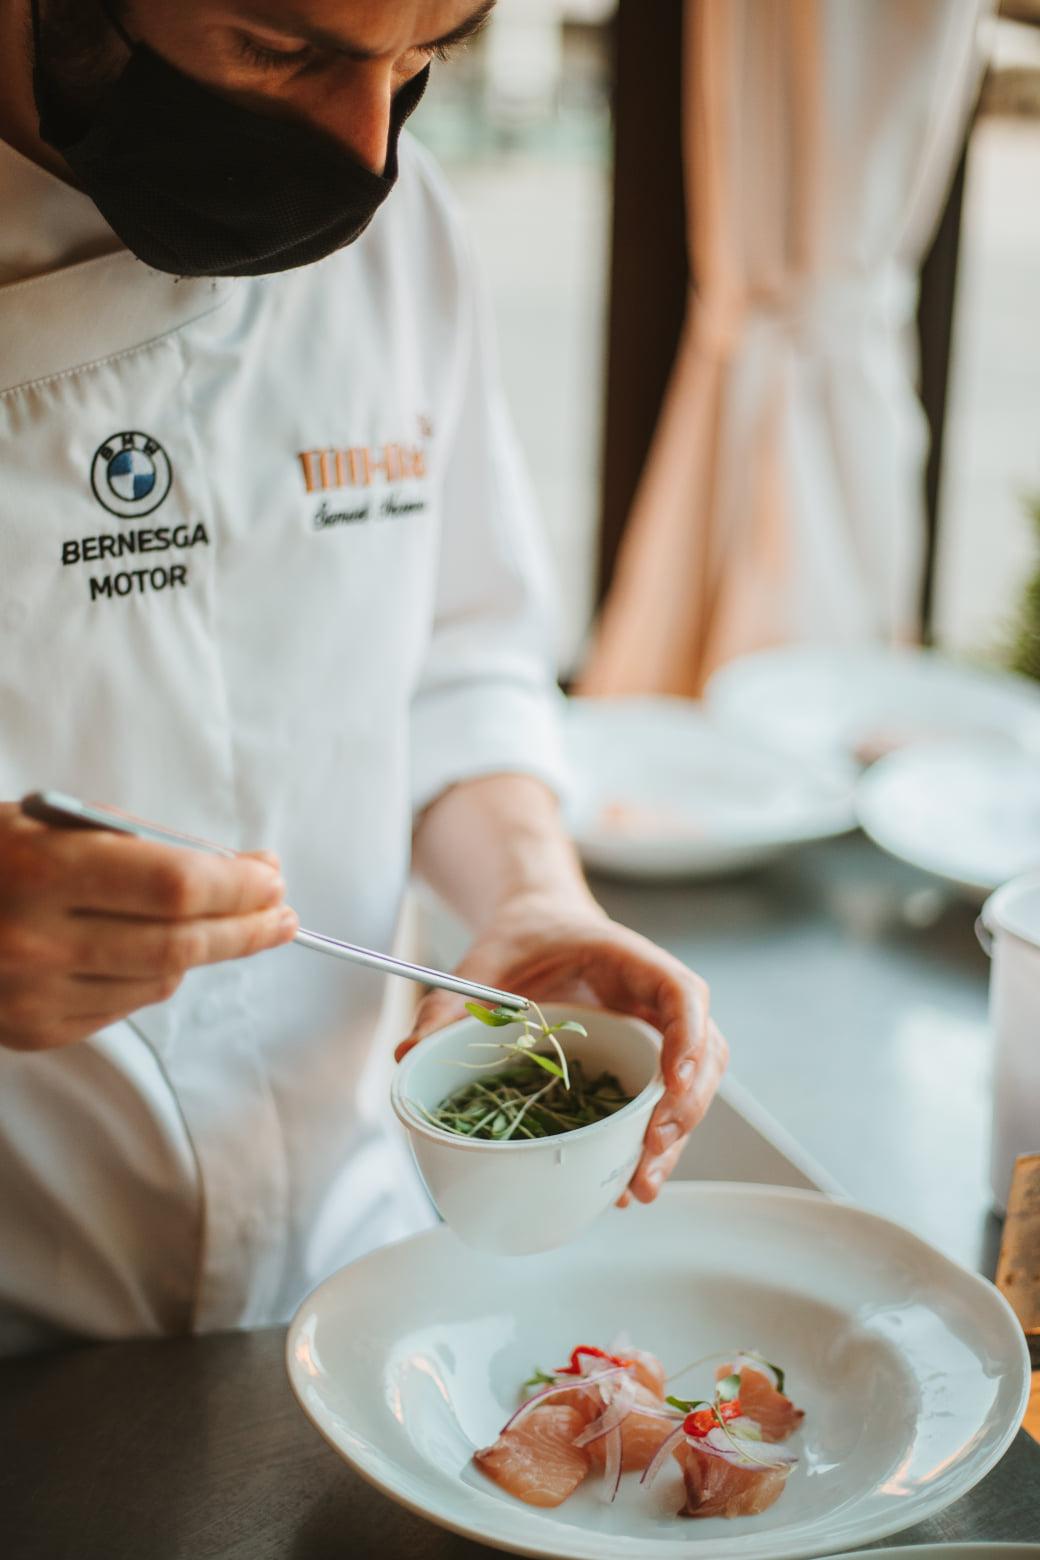 La noche de cocina Nikkei en el restaurante La Violeta, un evento culinario de primer nivel 9